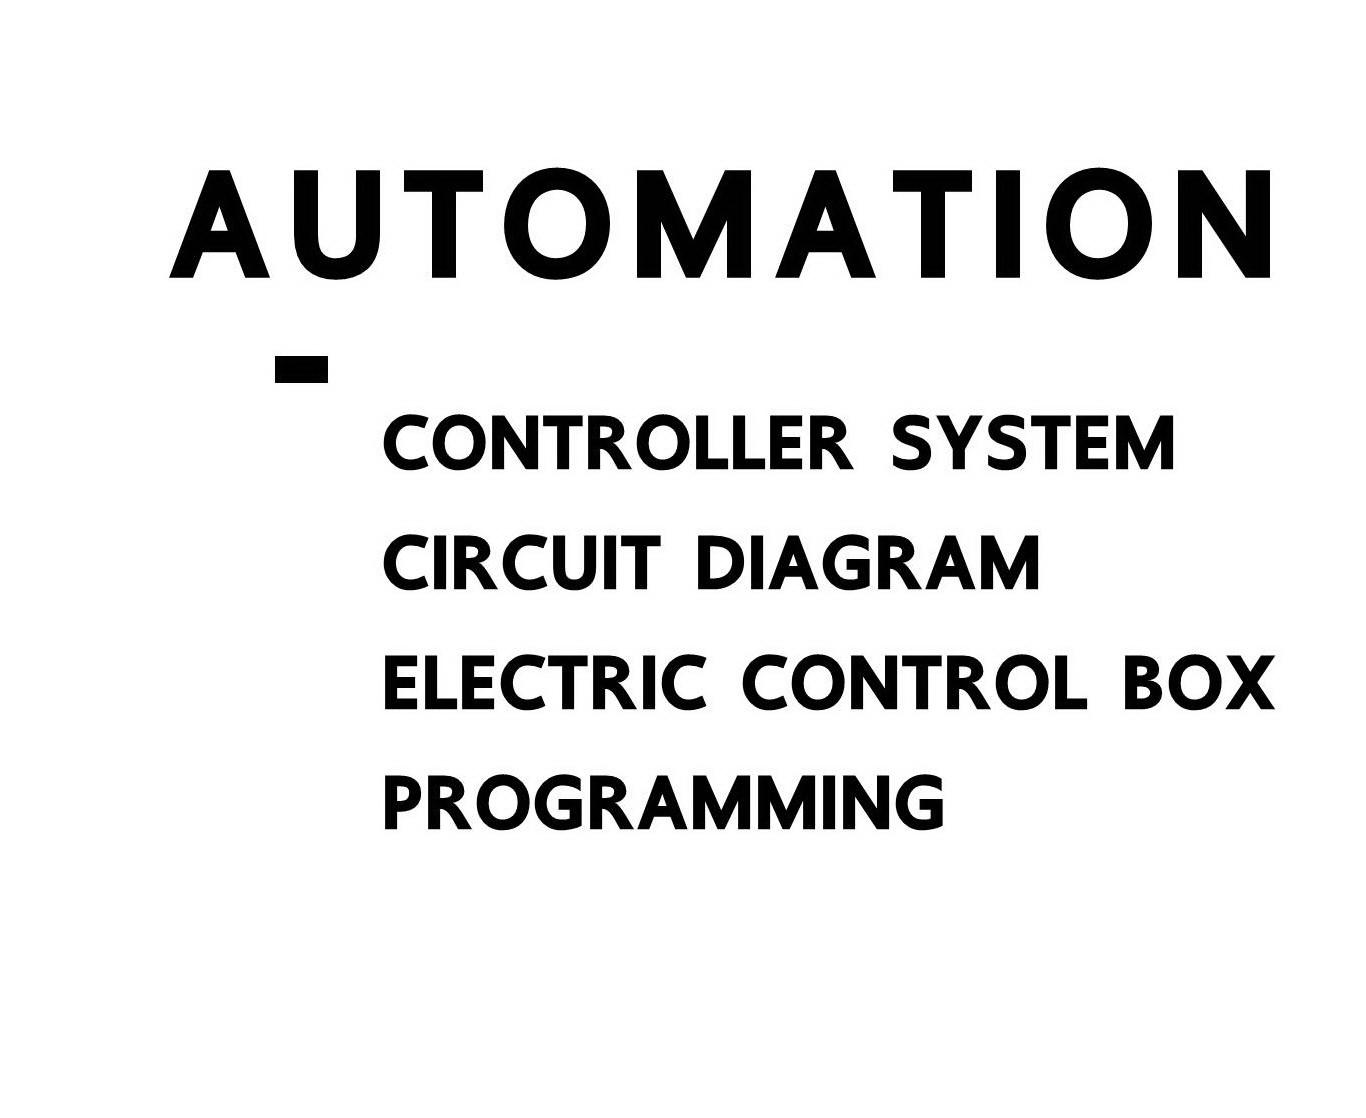 C.I. รับผลิตตู้ไฟฟ้าควบคุมเครื่องจักร